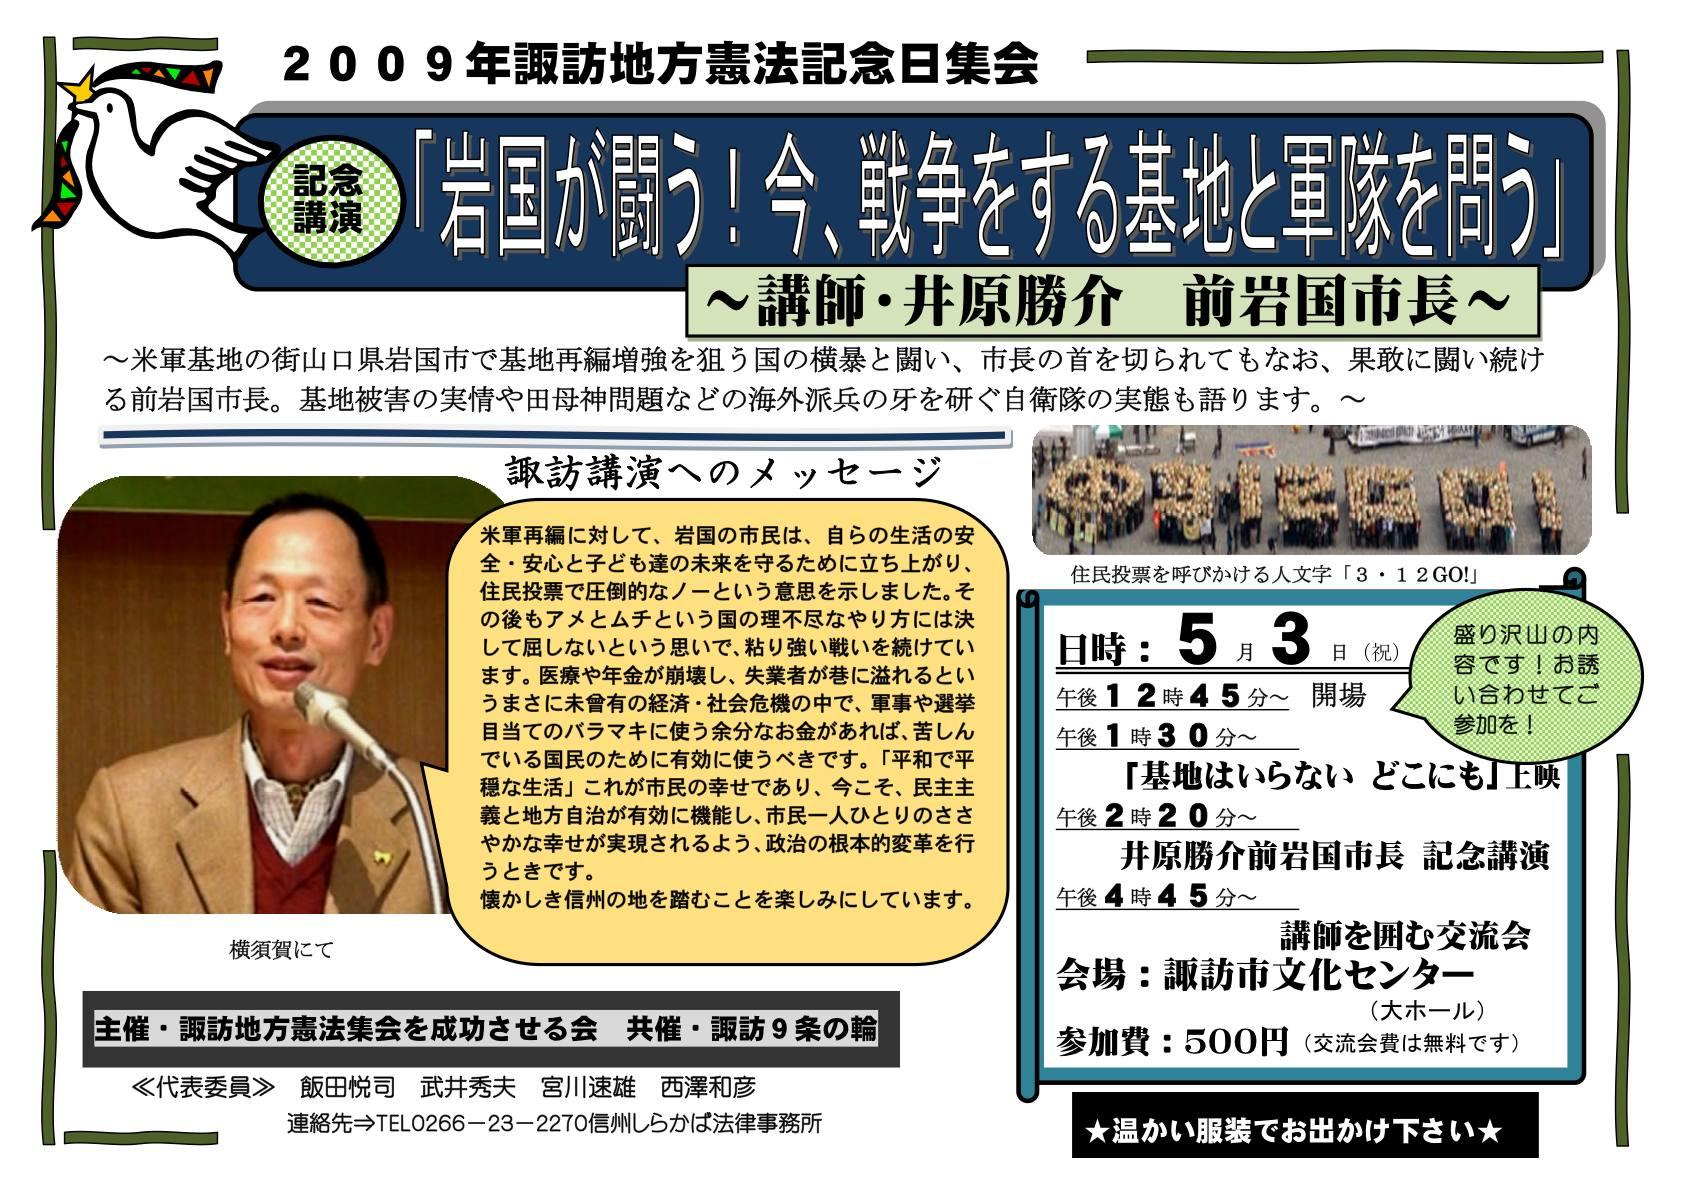 5月3日憲法記念日_e0105099_11423480.jpg